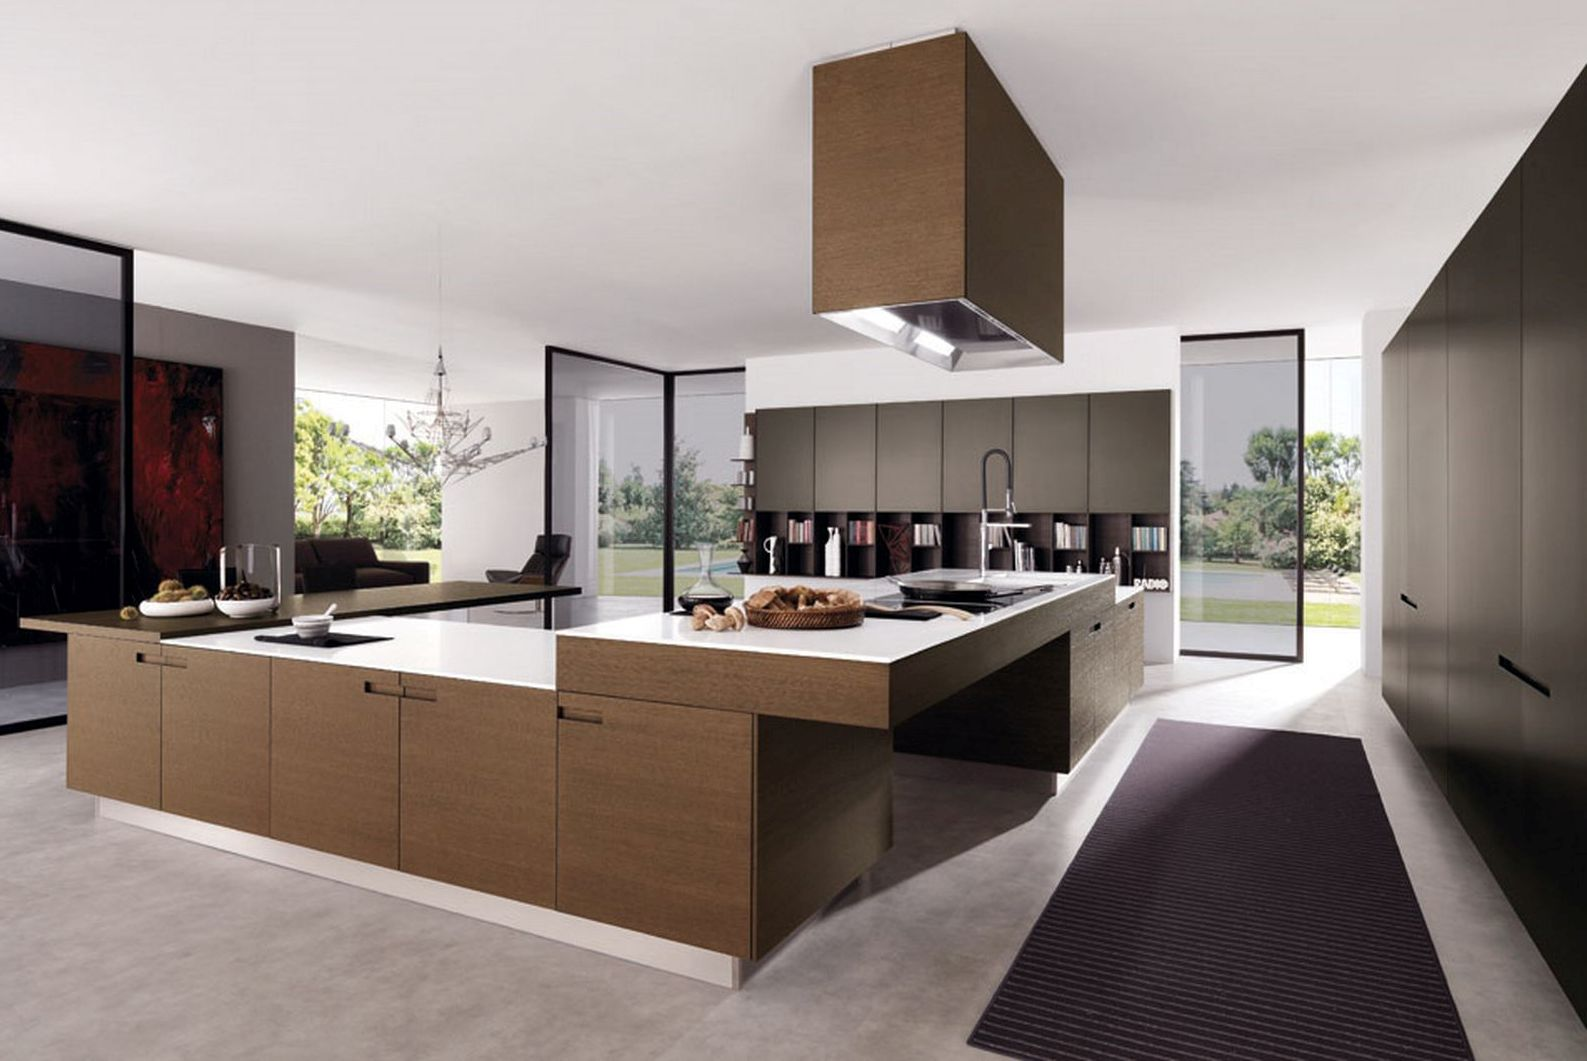 modern-kitchen-ideas-simple-design-7-on-kitchen-design-ideas